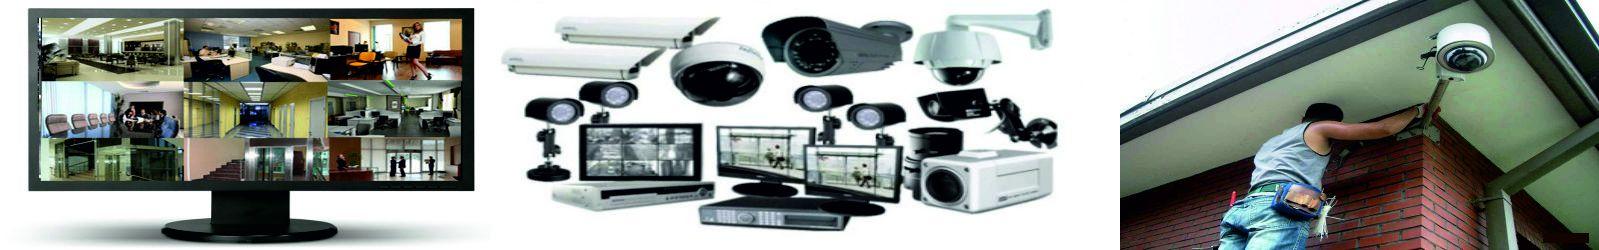 Системы видеонаблюдения- монтаж и обслуживание в Иркутске